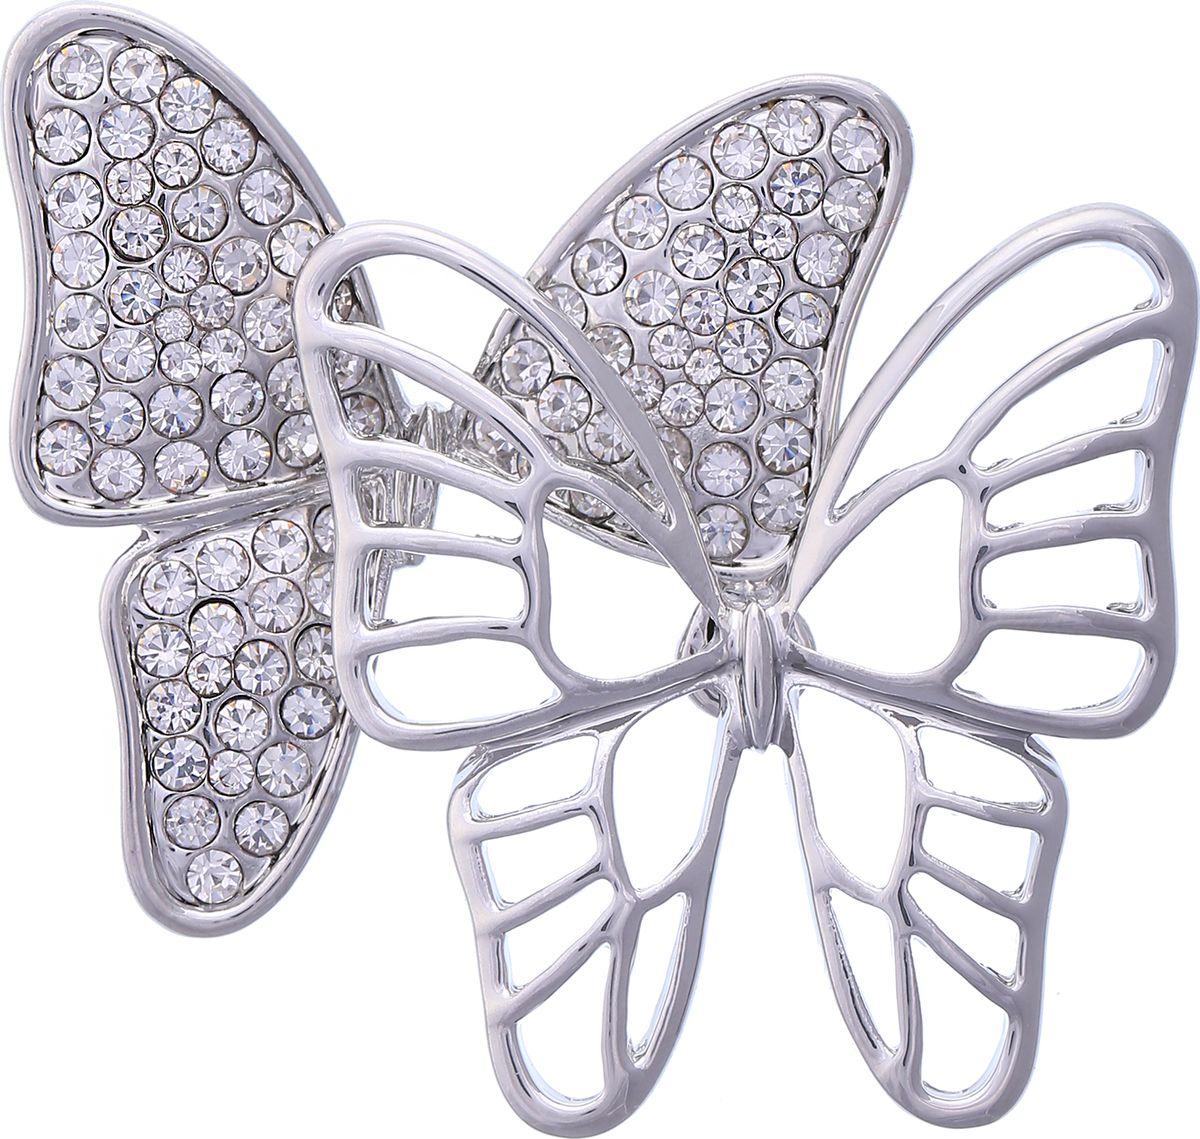 Брошь Модные истории, цвет: серебристый. 19/0351/888Ажурная брошьВосхитительная брошь оформлена в виде бабочек. Выполнена из бижутерного сплава серебристого цвета, декорирована стразами. Застежка - булавка.